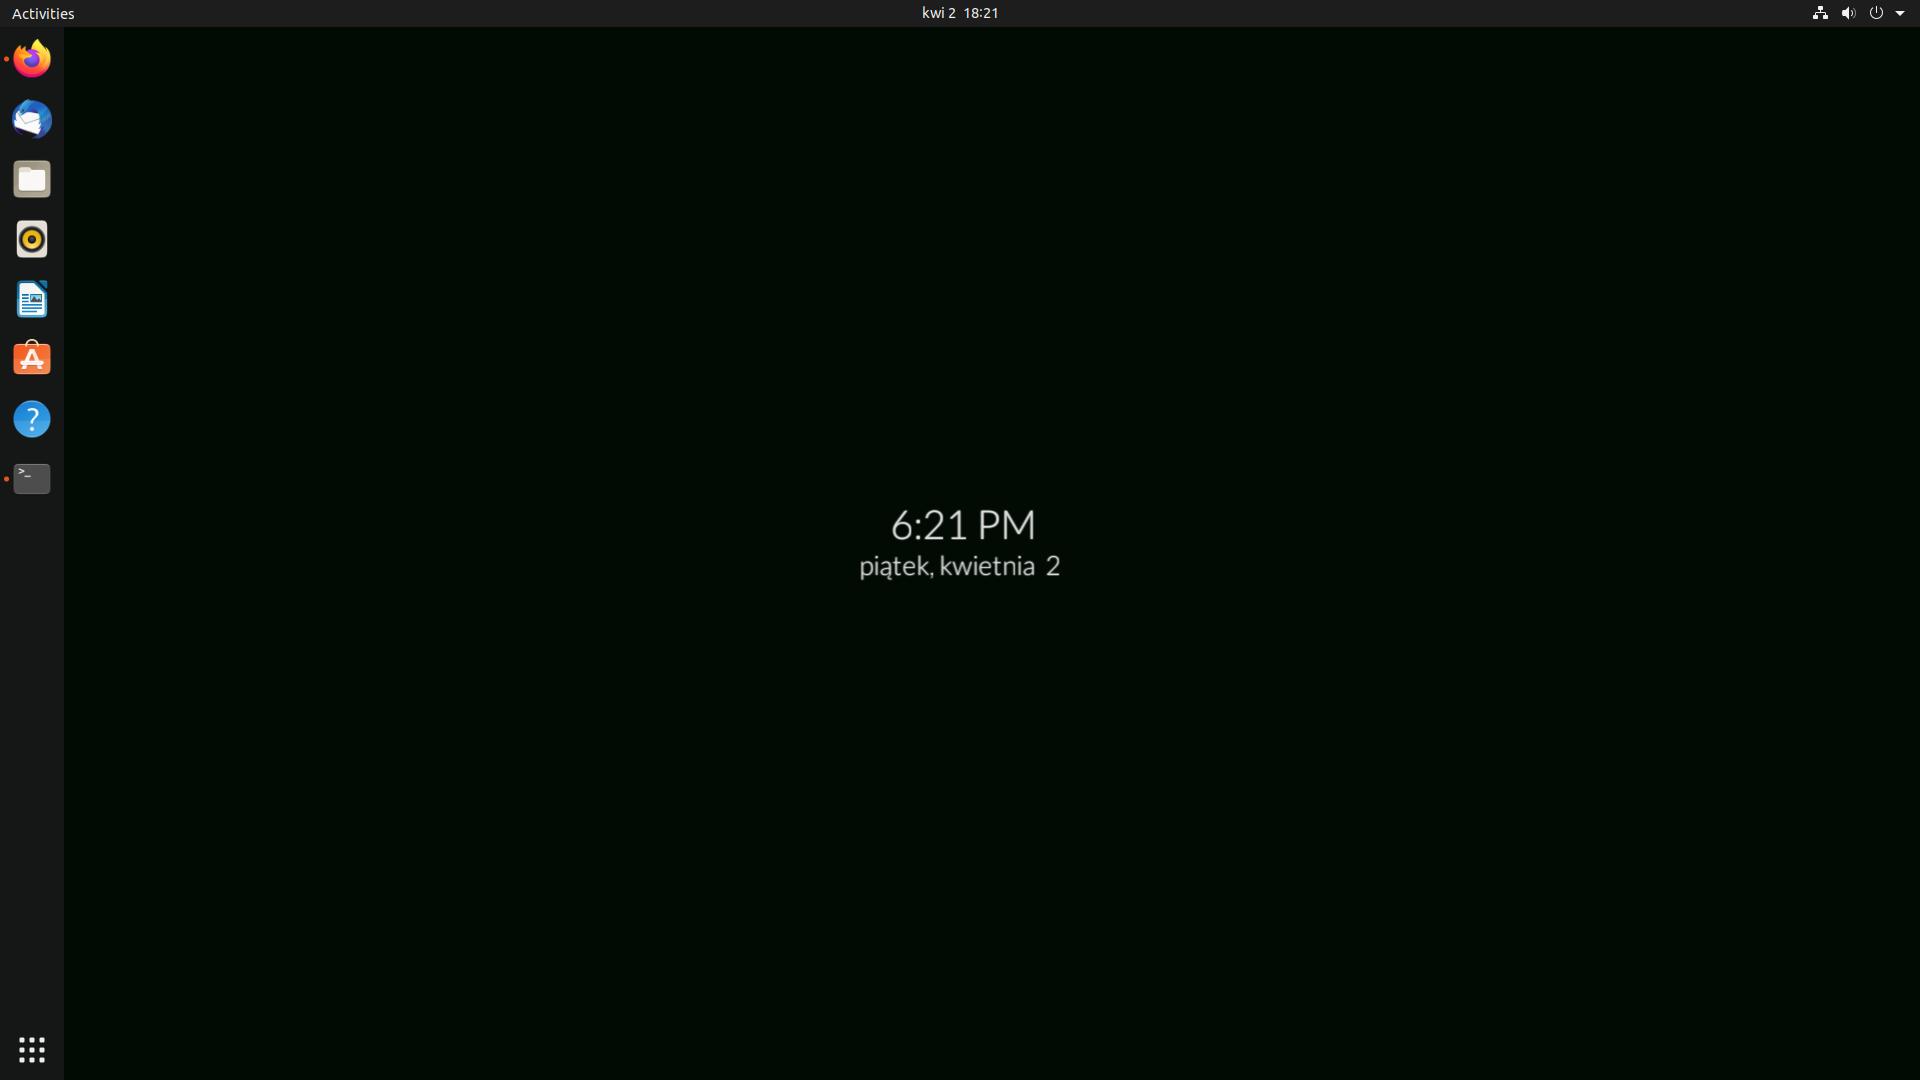 Screenshot from 2021-04-02 18-21-10